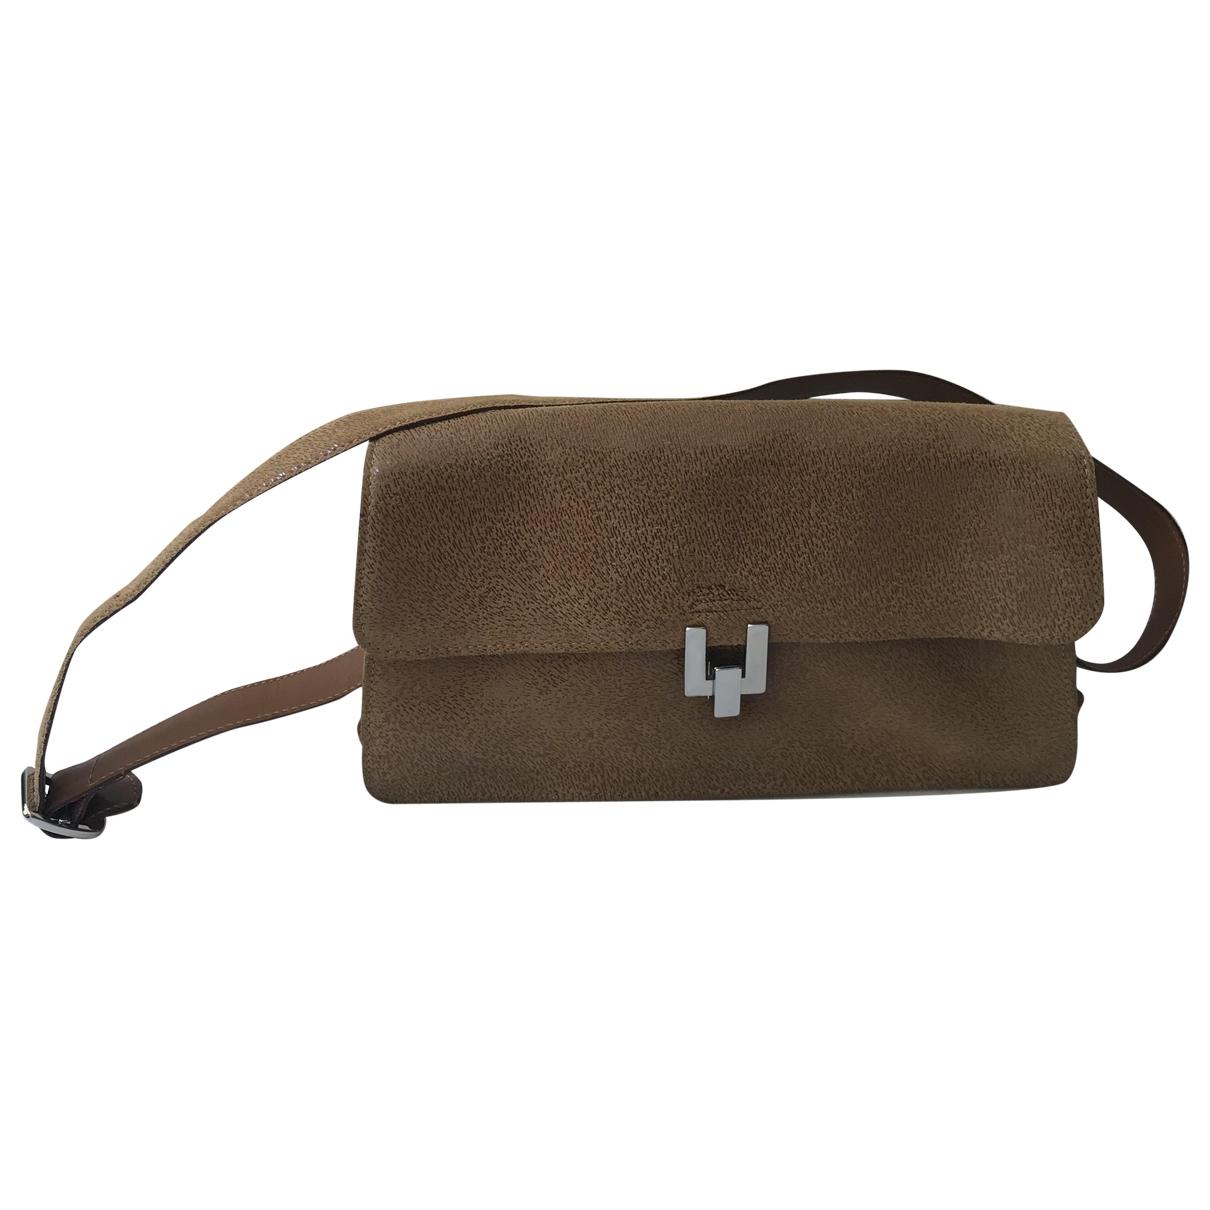 Longchamp \N Handtasche in  Kamel Veloursleder